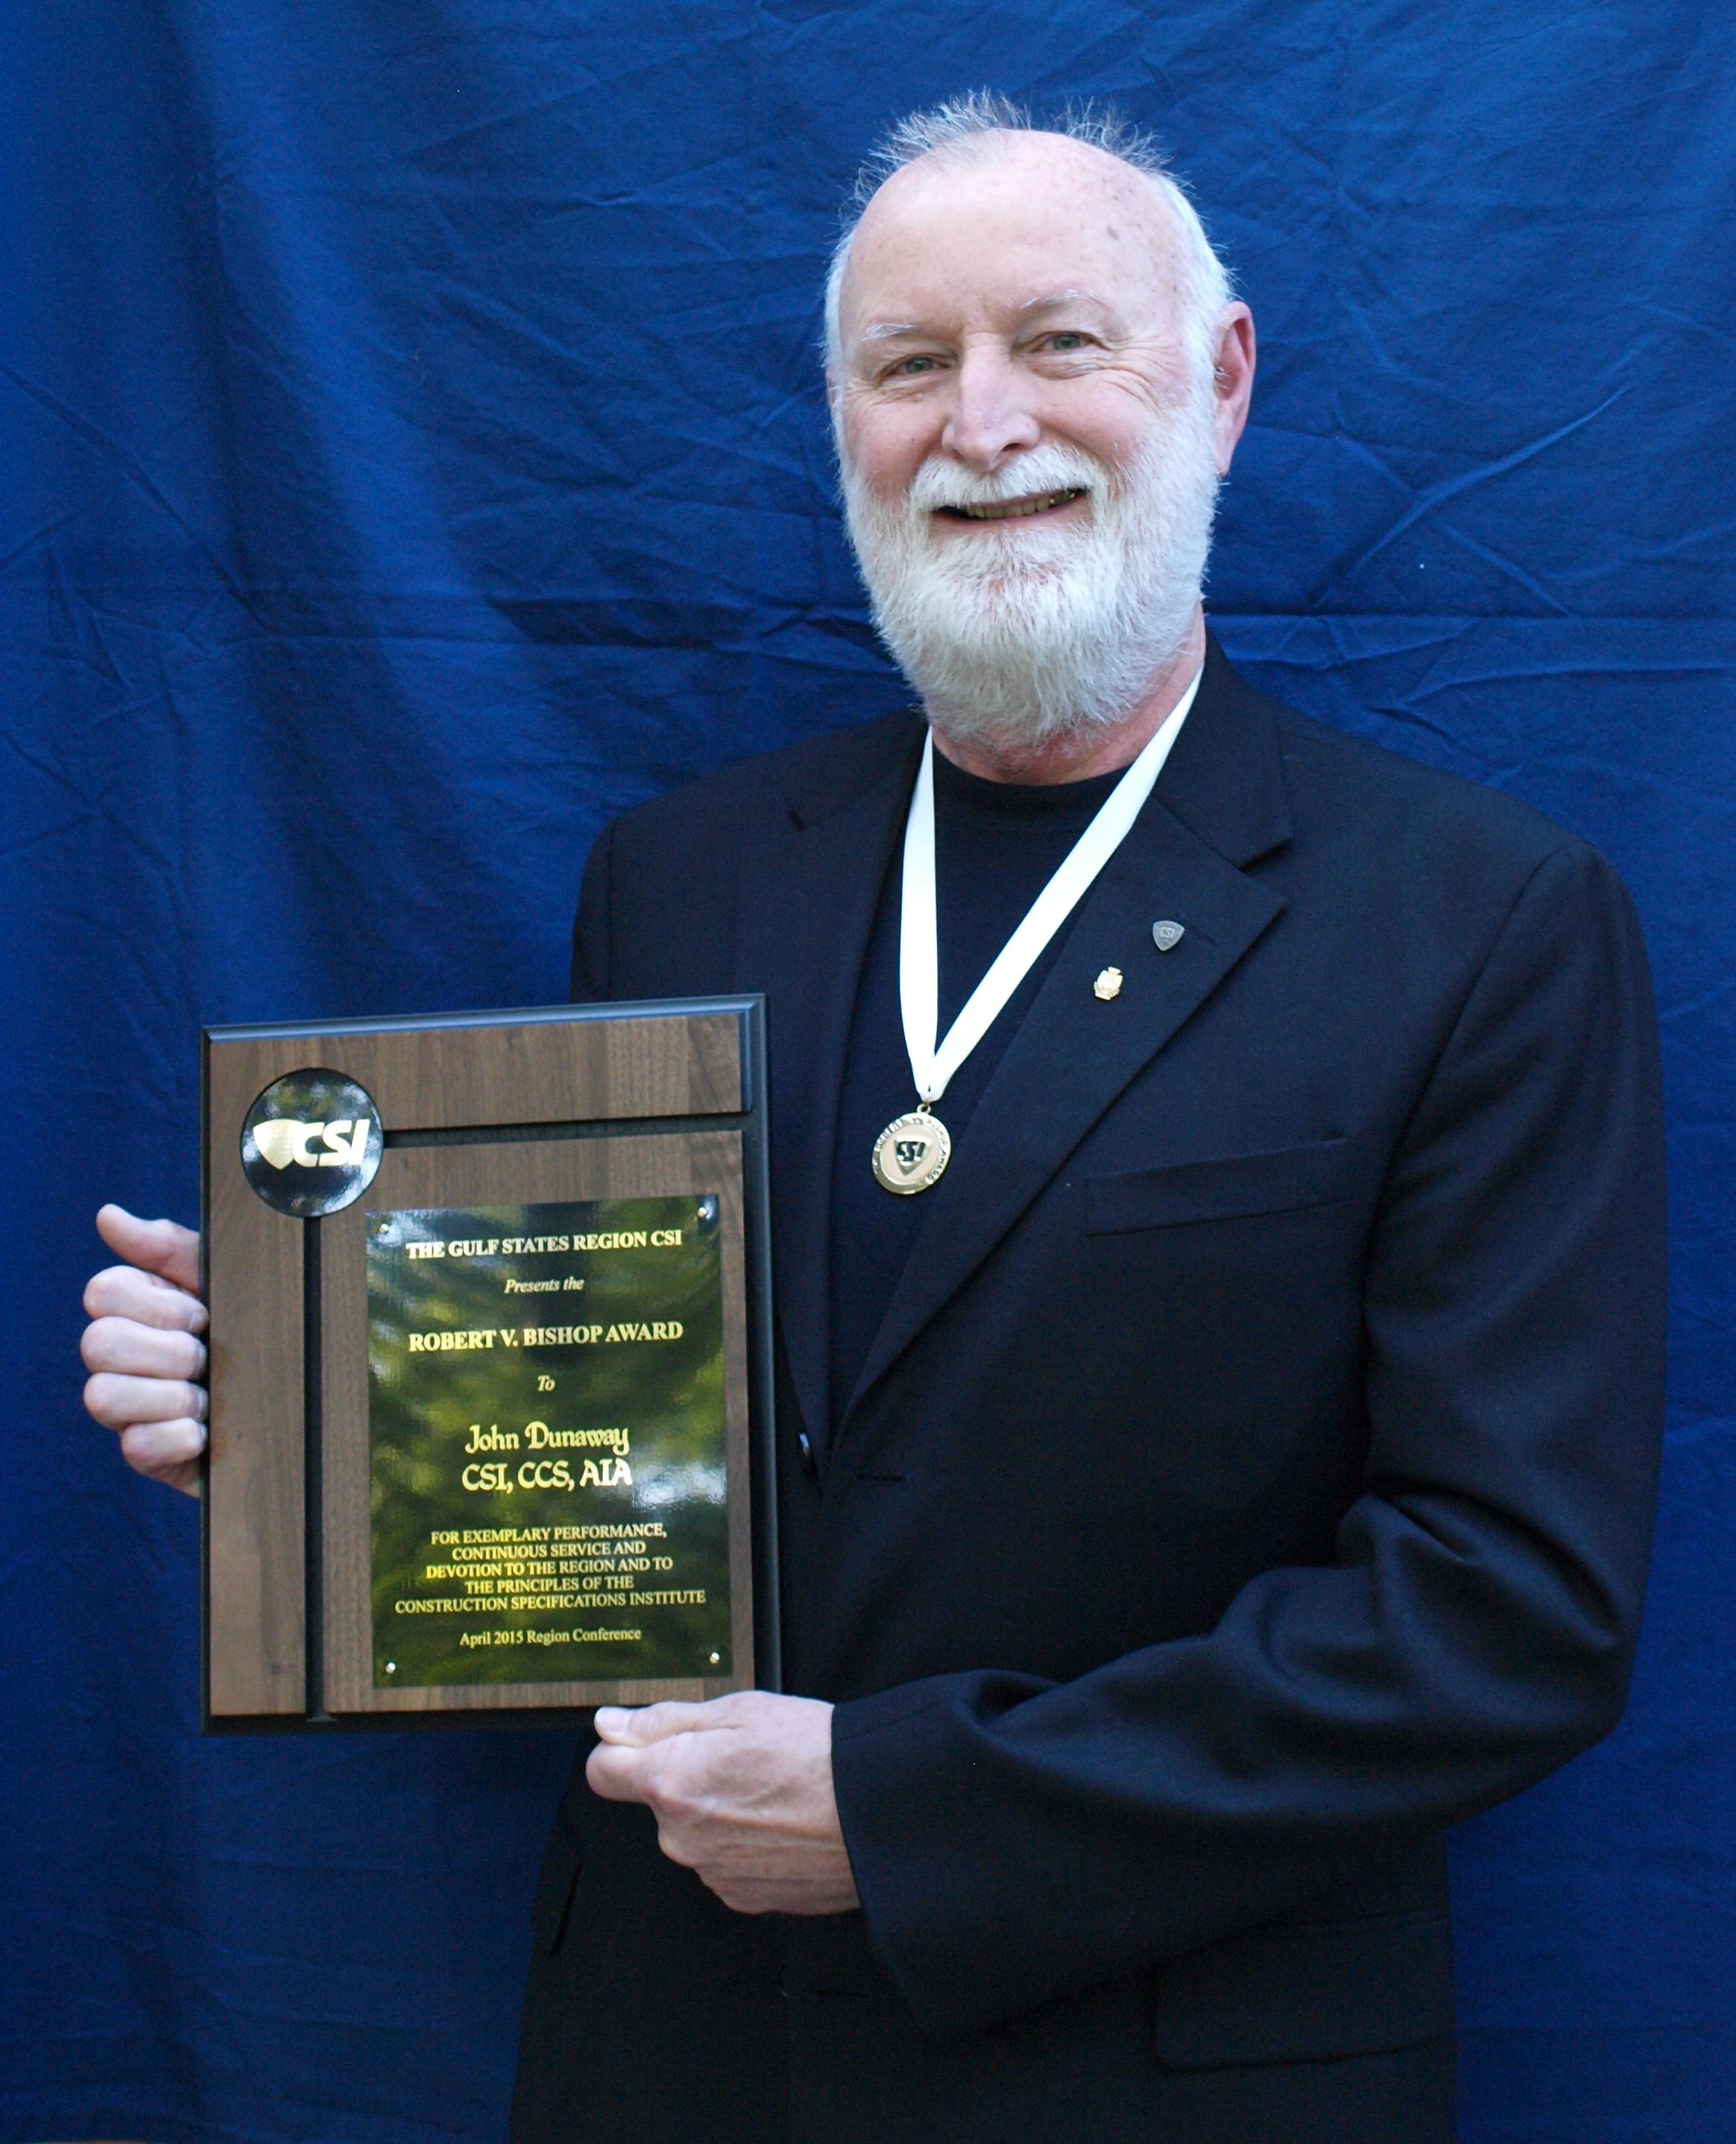 john_dunaway_award